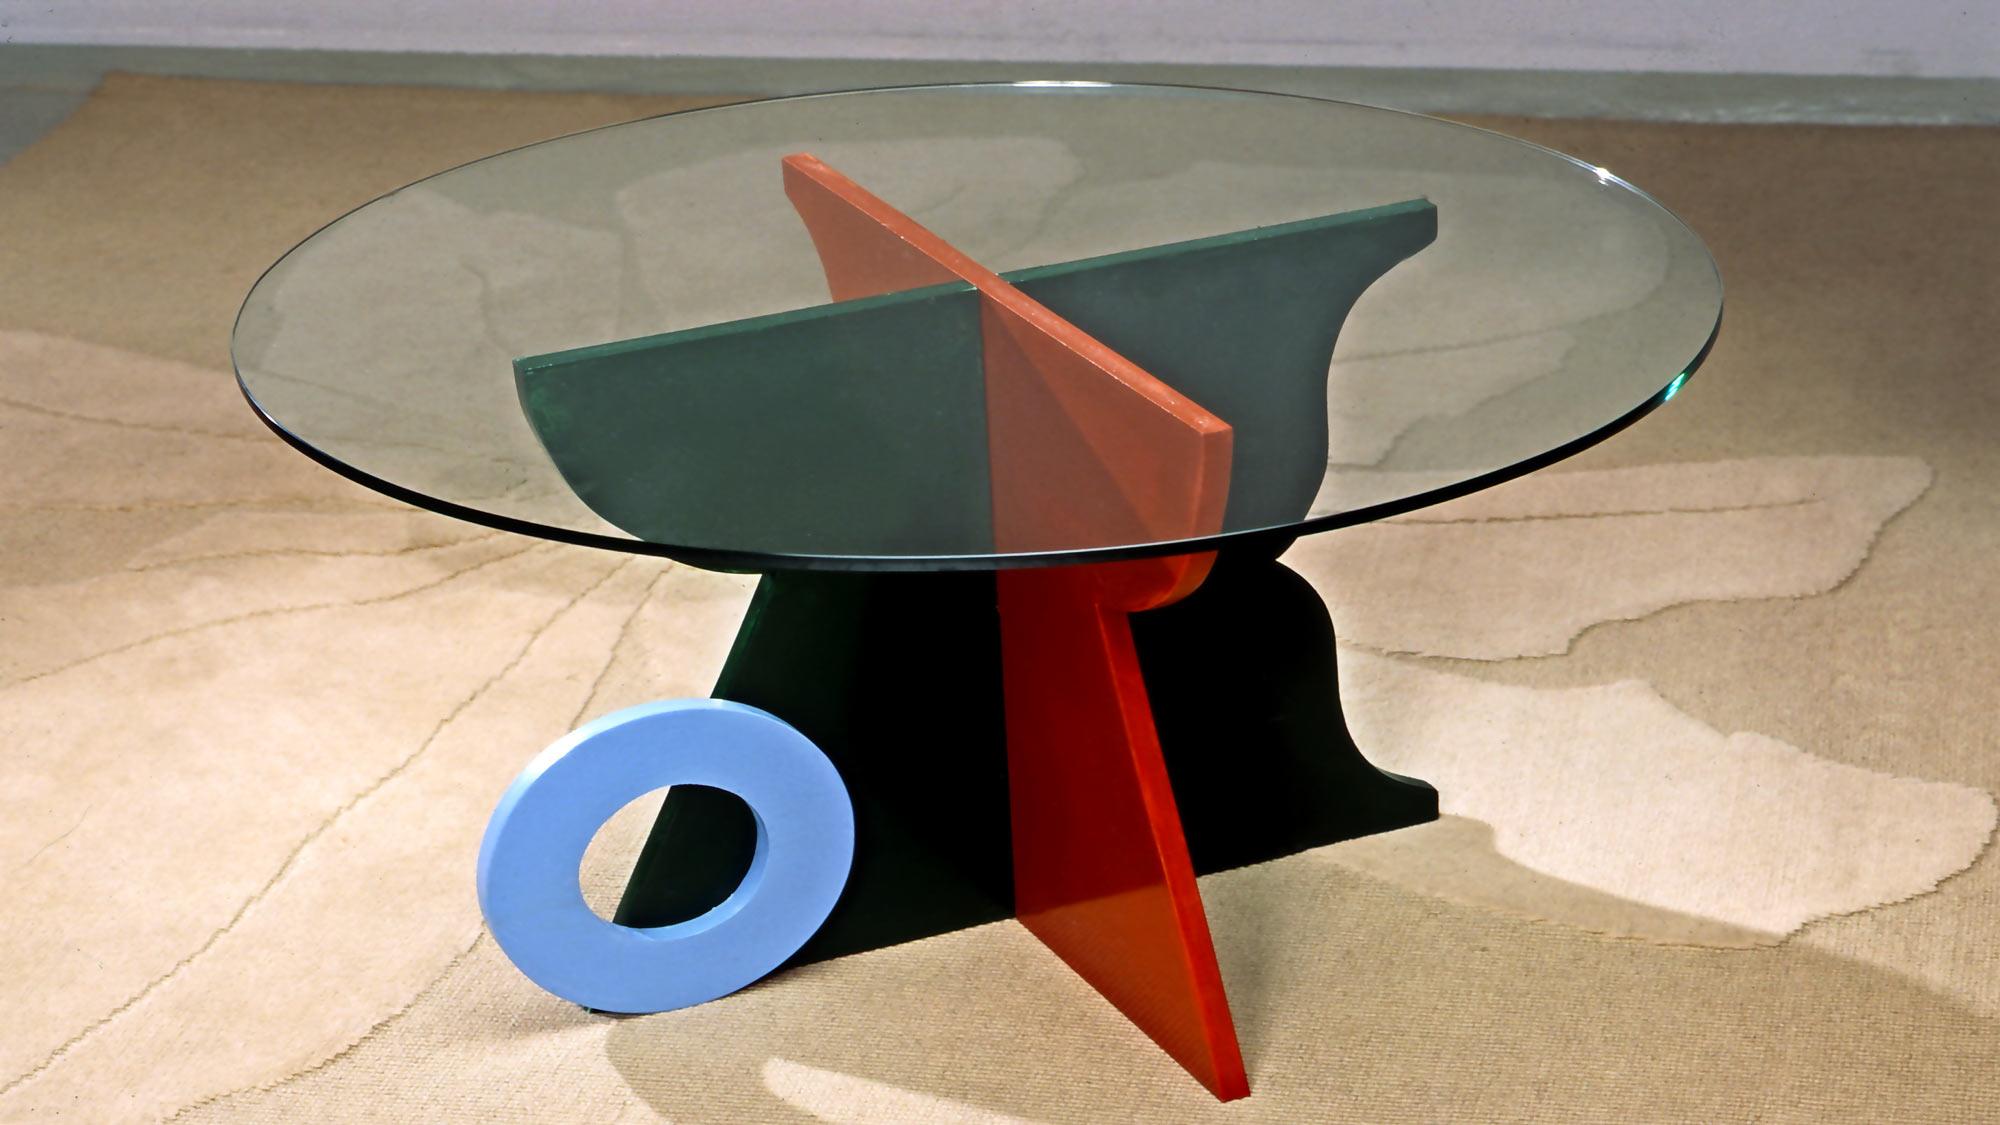 Tavolino in legno e vetro fai da te | Realizzazione passo-passo